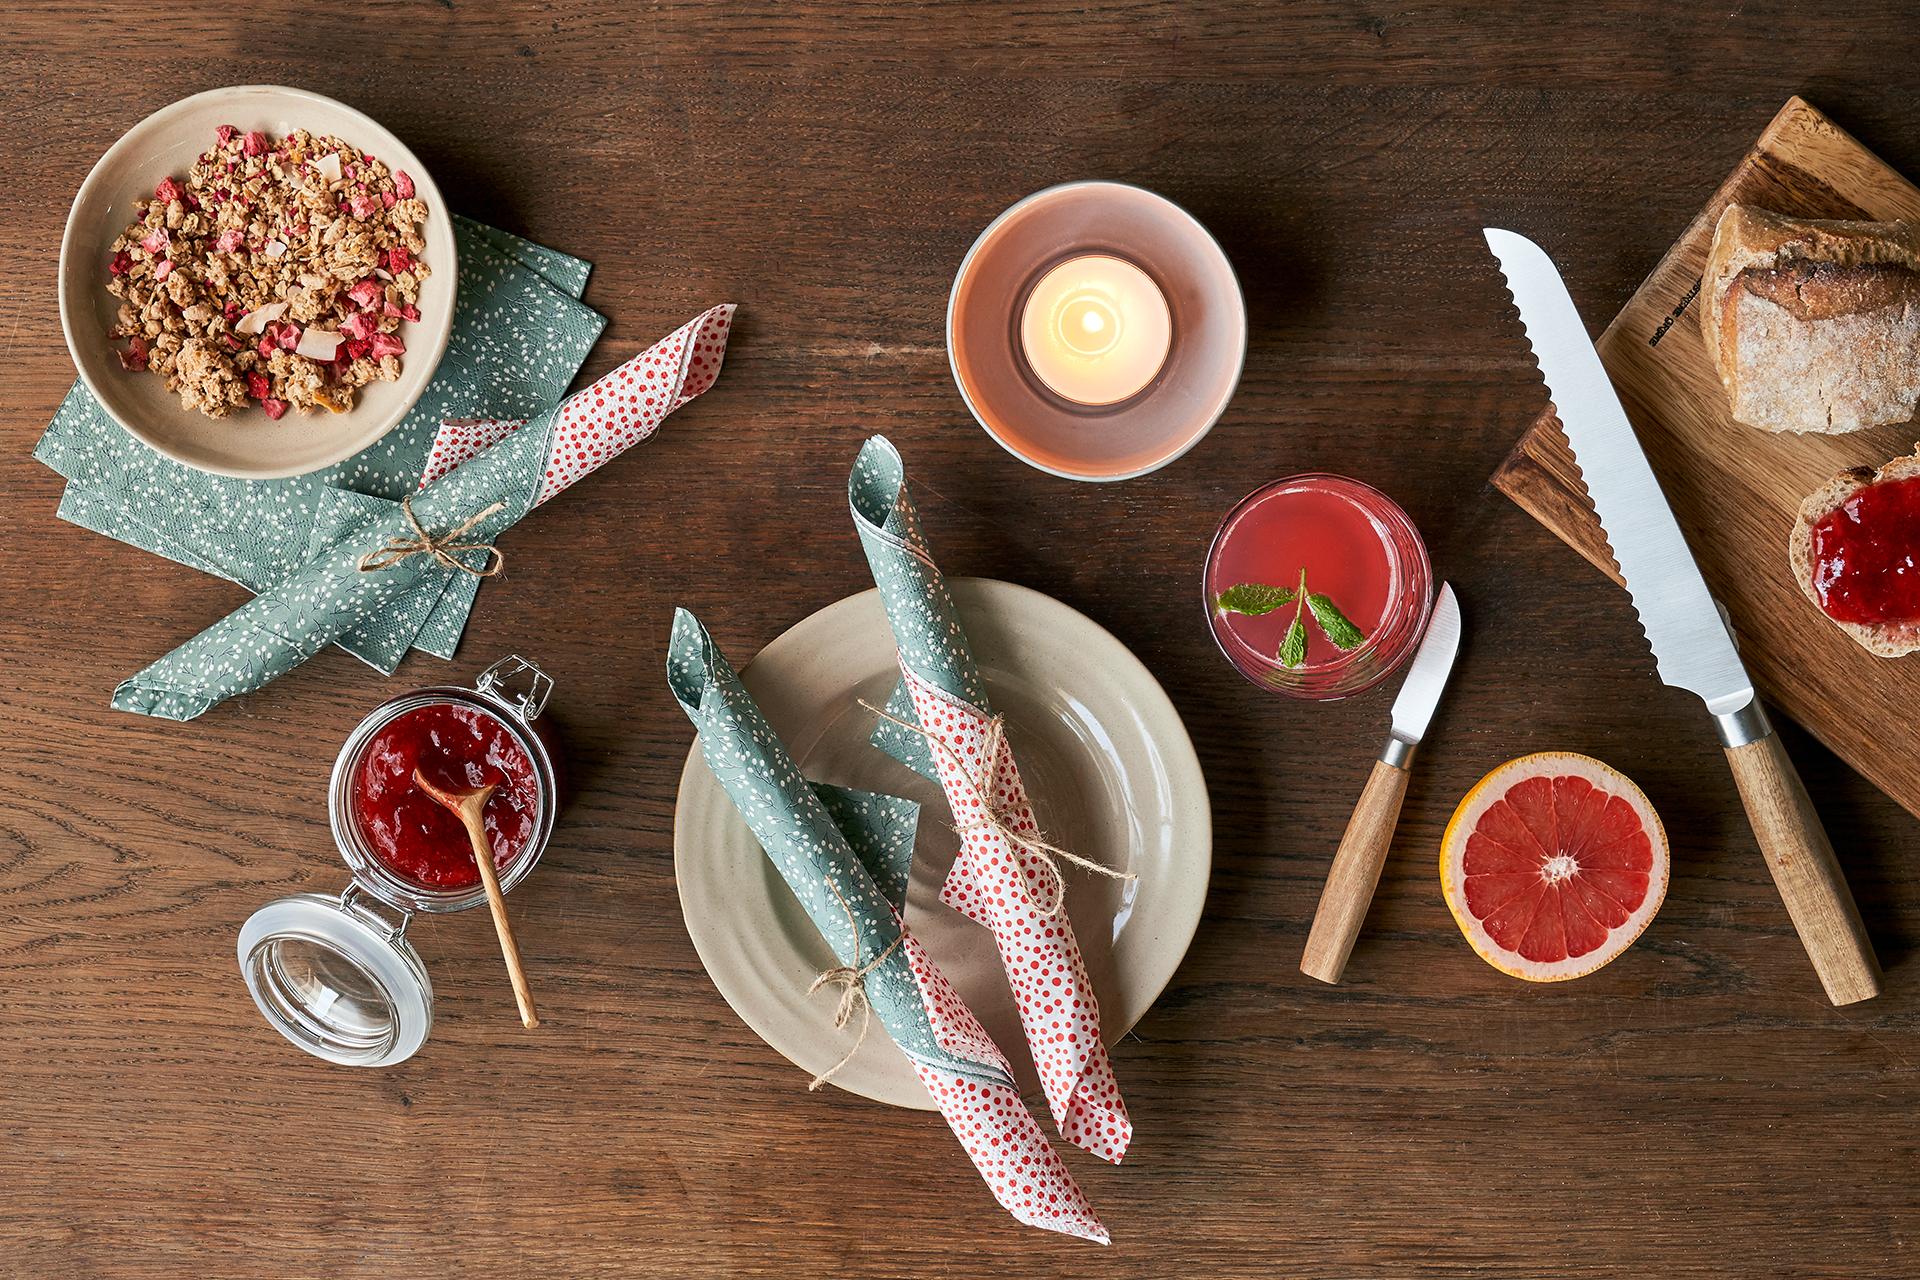 Was wäre ein hübsch gedeckter Frühstückstisch ohne Servietten?